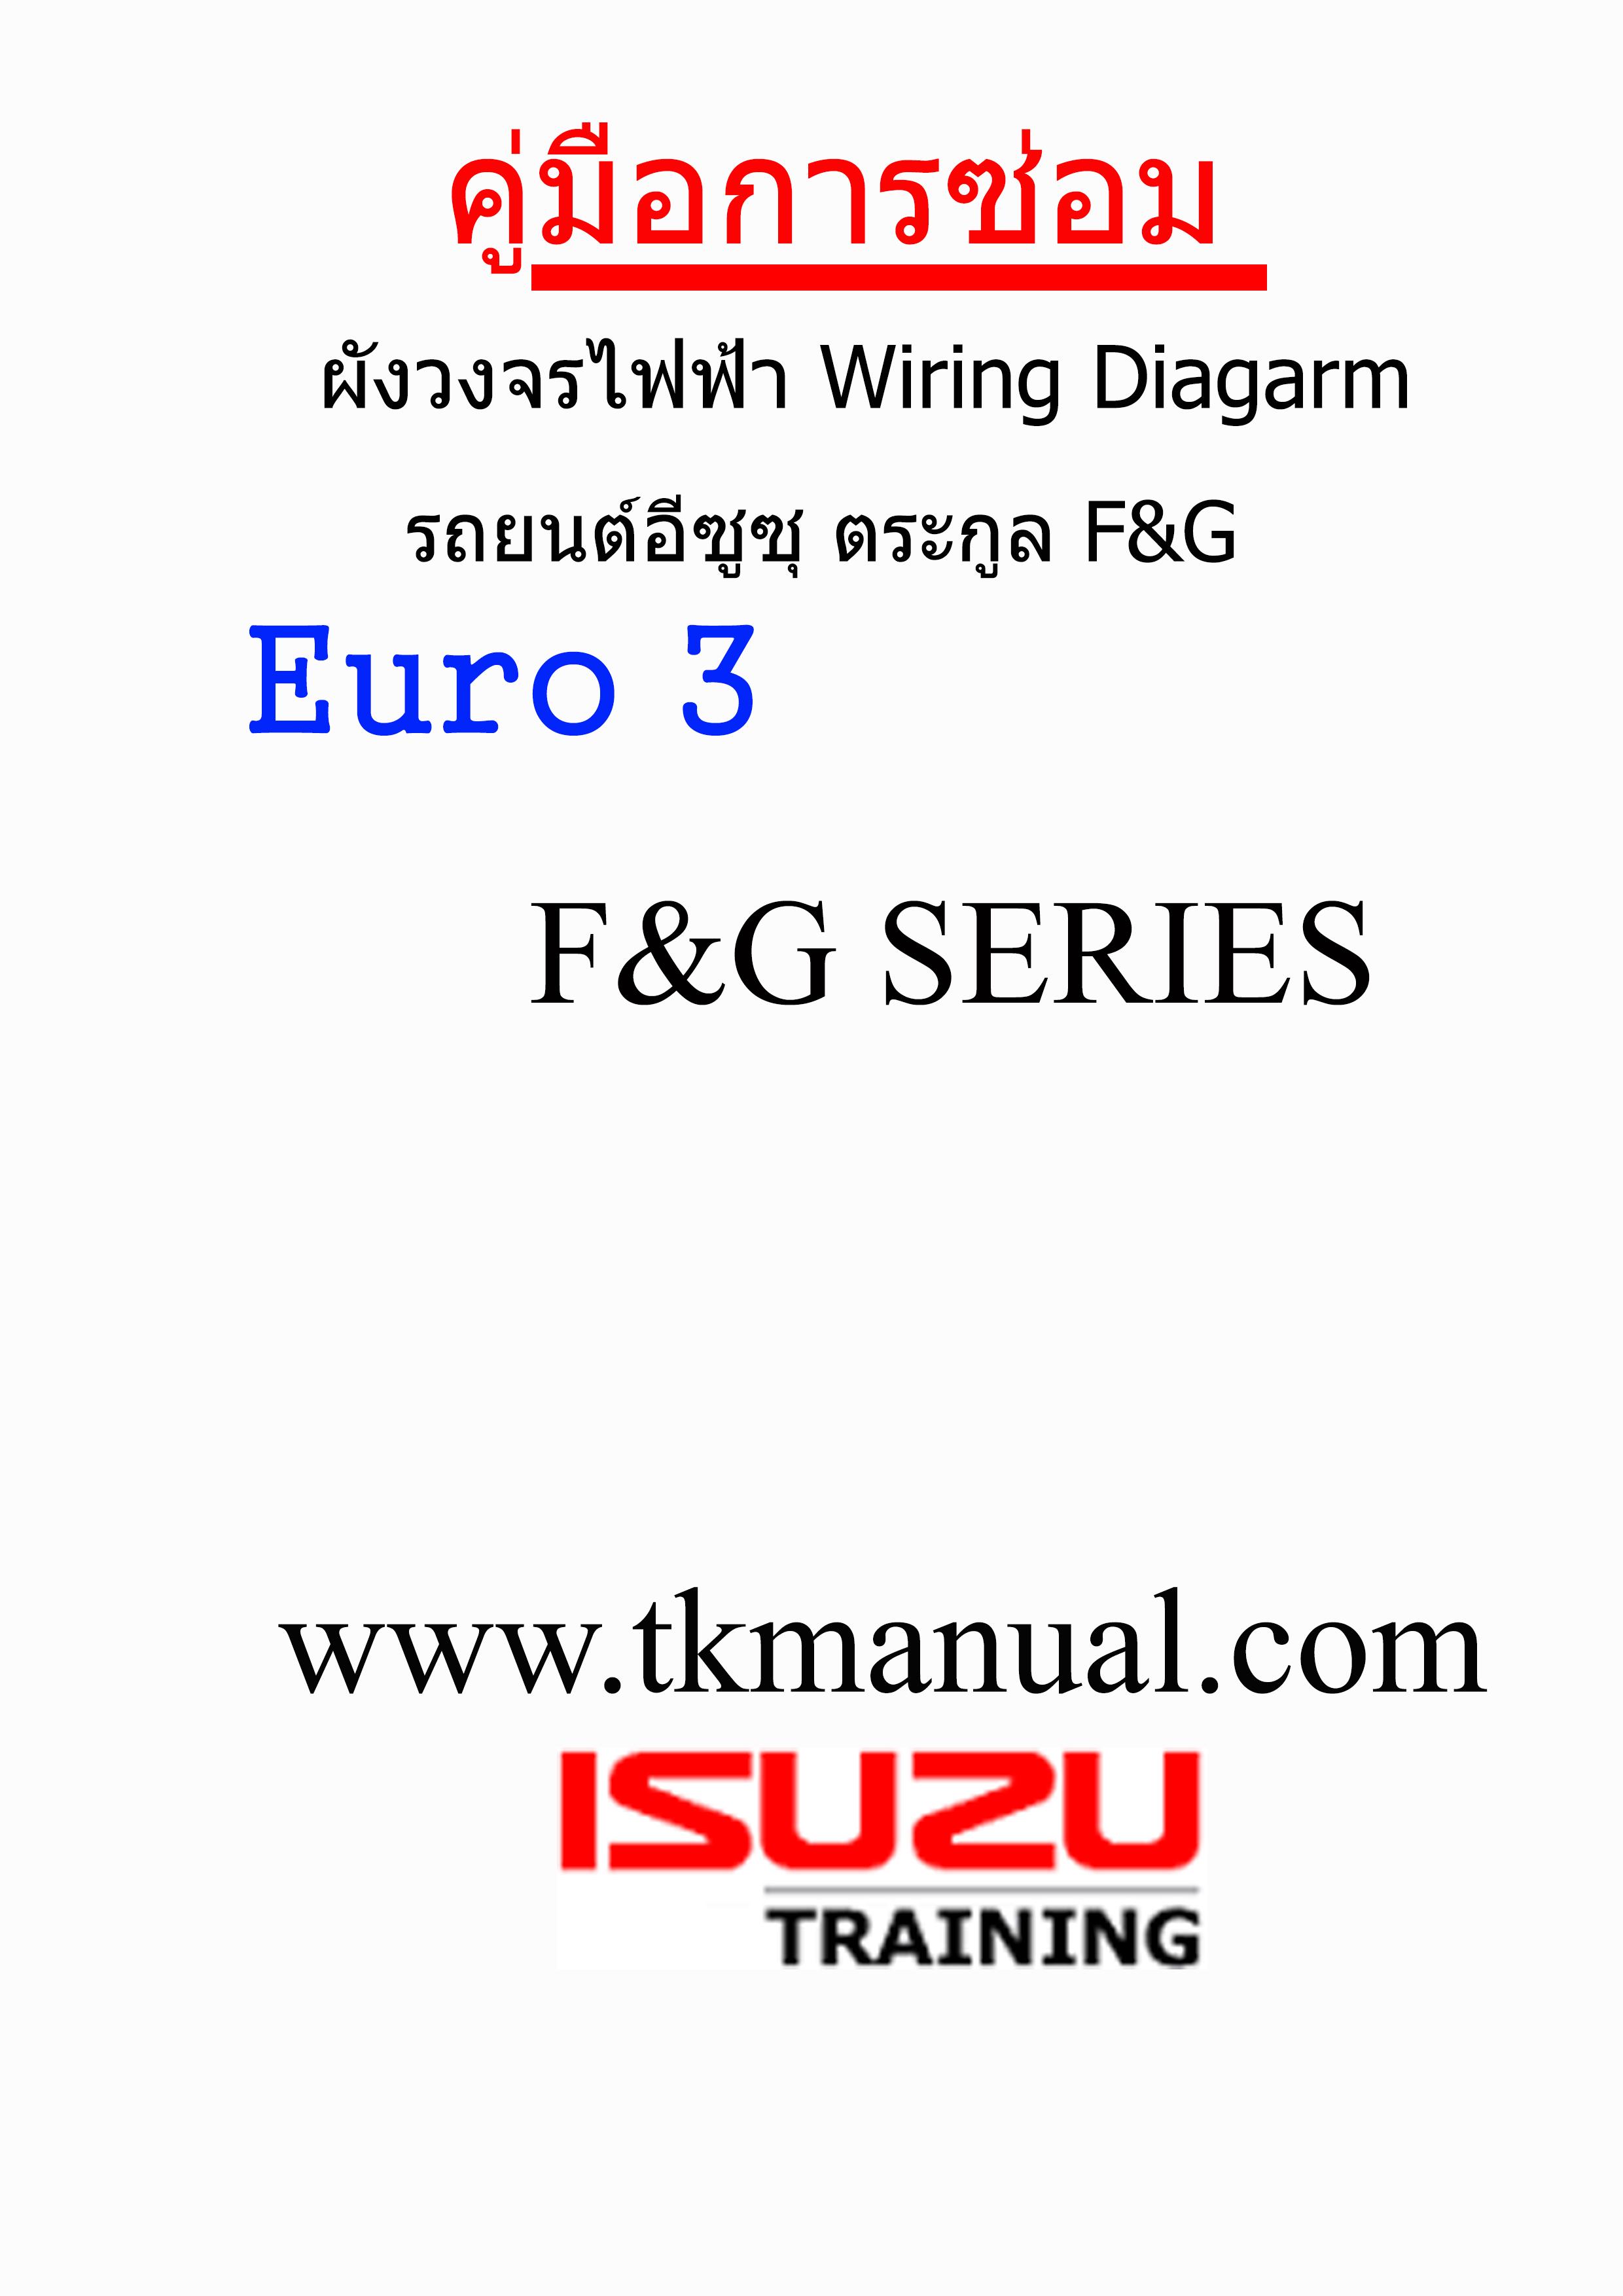 หนังสือ คู่มือการซ่อม ผังวงจรไฟฟ้า (Wiring Diagram) รถบรรทุก ISUZU ตระกูล F&G (TH)